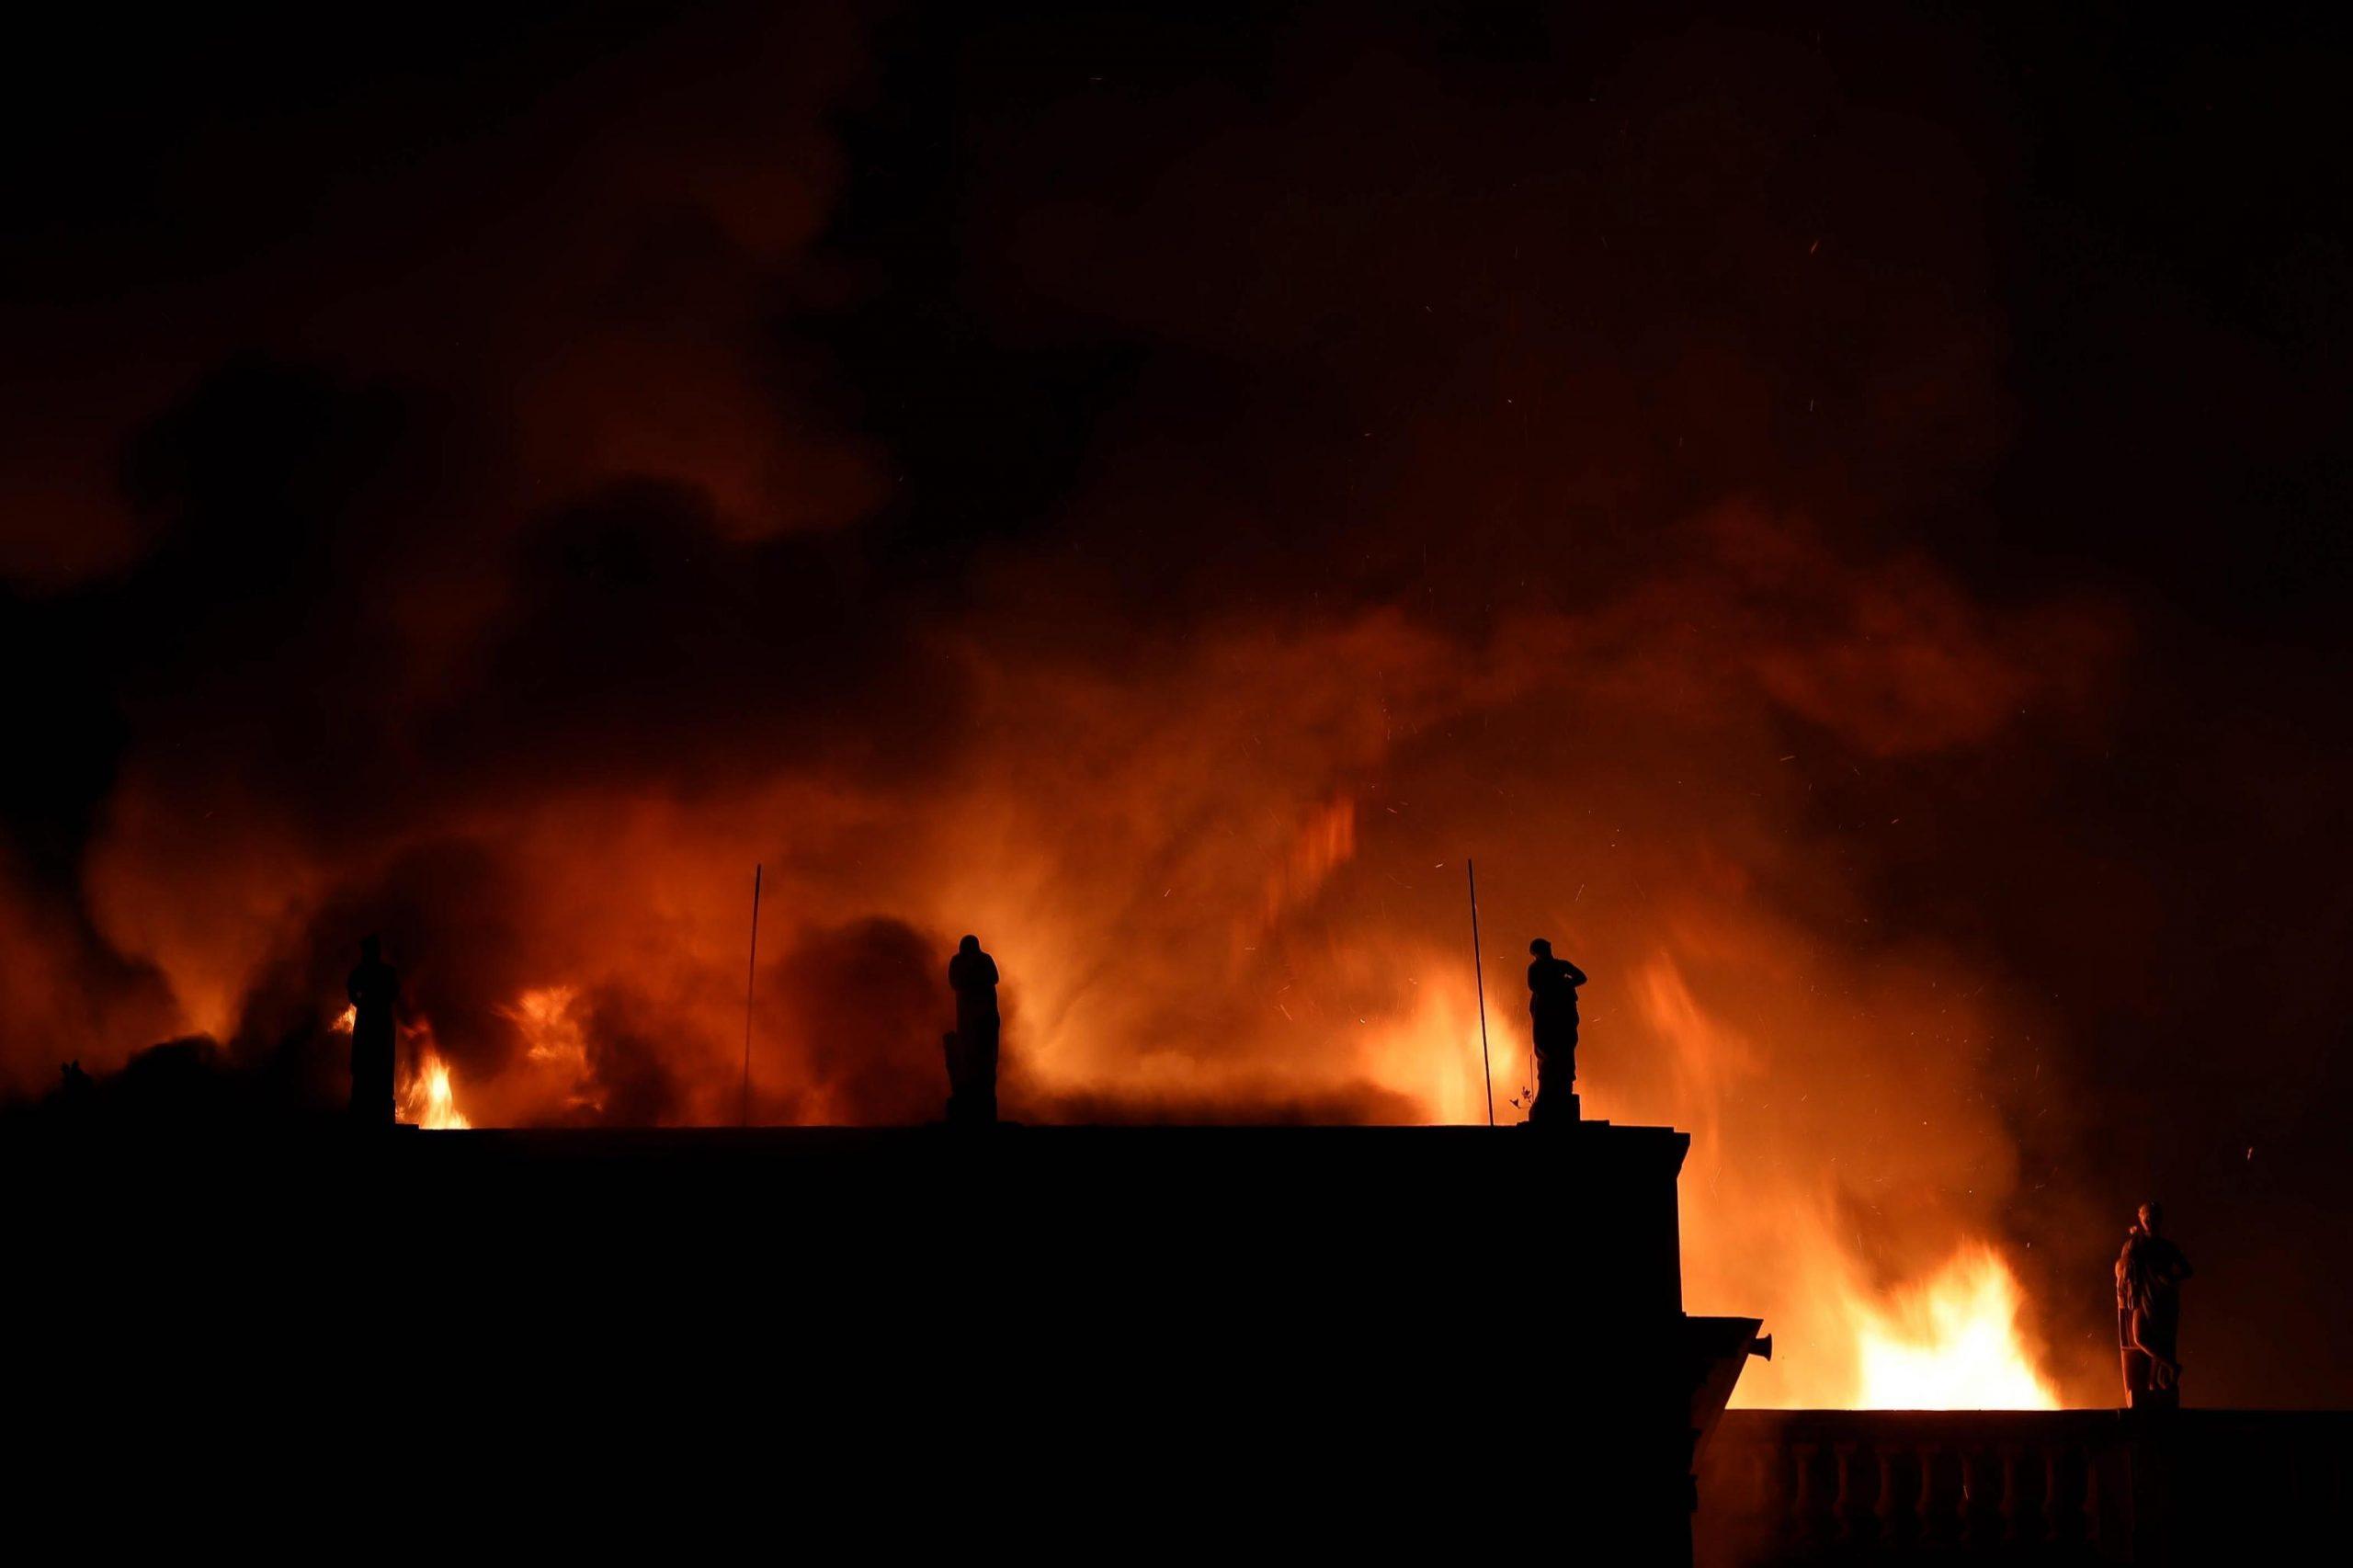 Incendio a Rio distrutto uno dei più importanti musei del Brasile